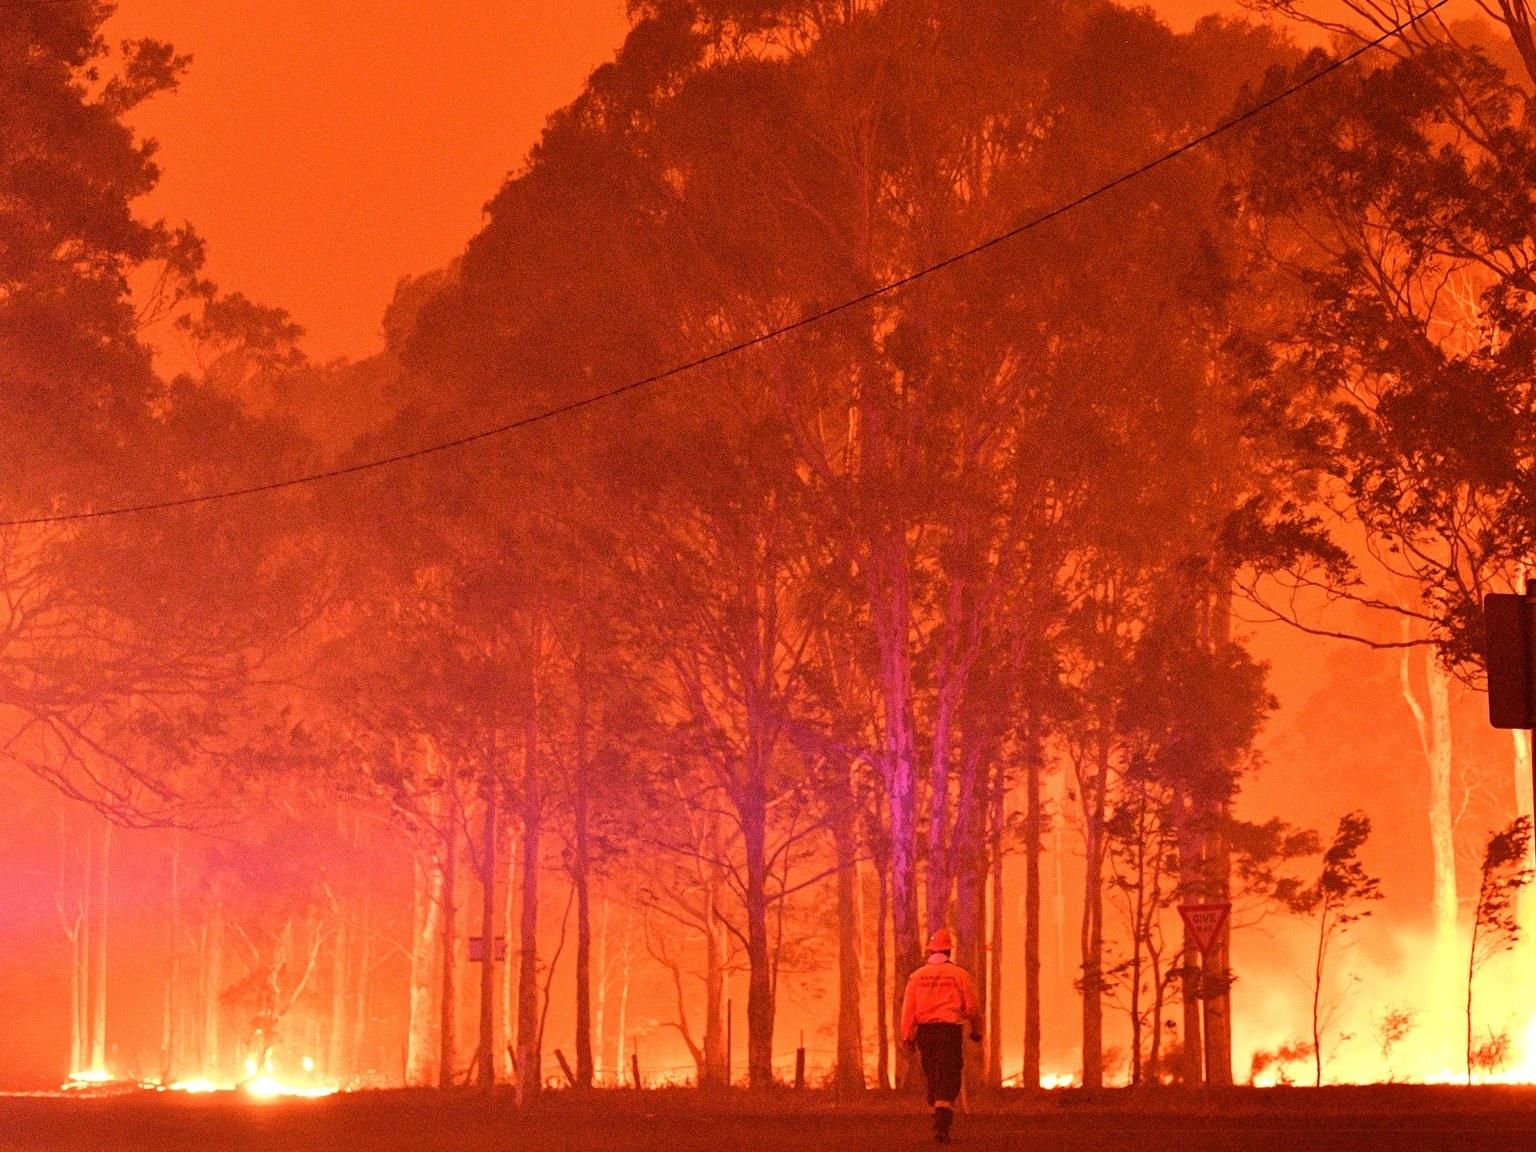 Efectele mai puțin cunoscute ale incendiilor din Australia: poze înșelătoare ajunse virale și negarea schimbărilor climatice